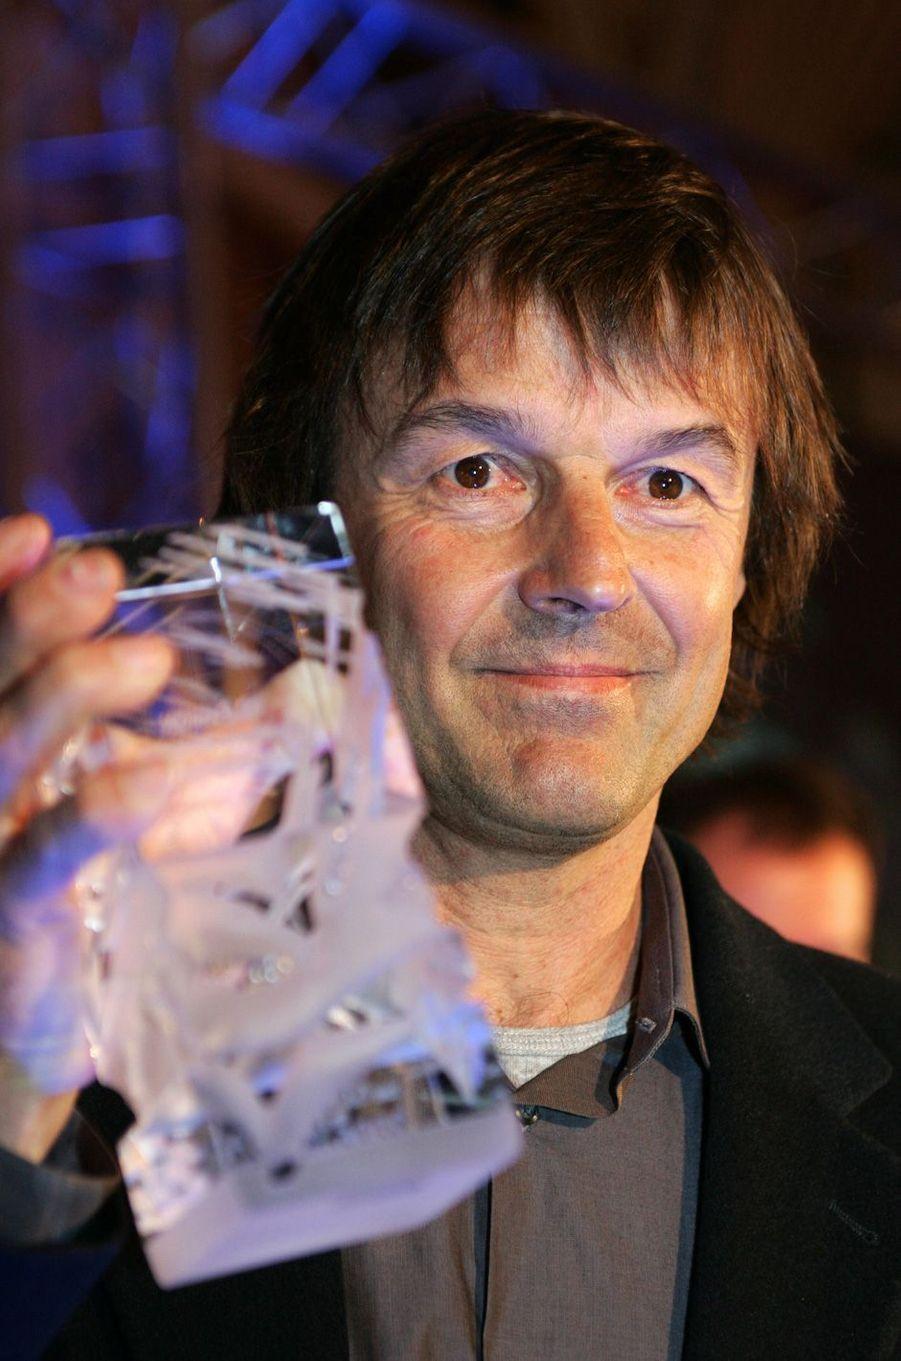 En mars 2005, il reçoit un trophée remporté dans la catégorie «Meilleures émissions de télévision», lors de la première édition des «Globes de Cristal», récompenses artistiques décernées par la presse.